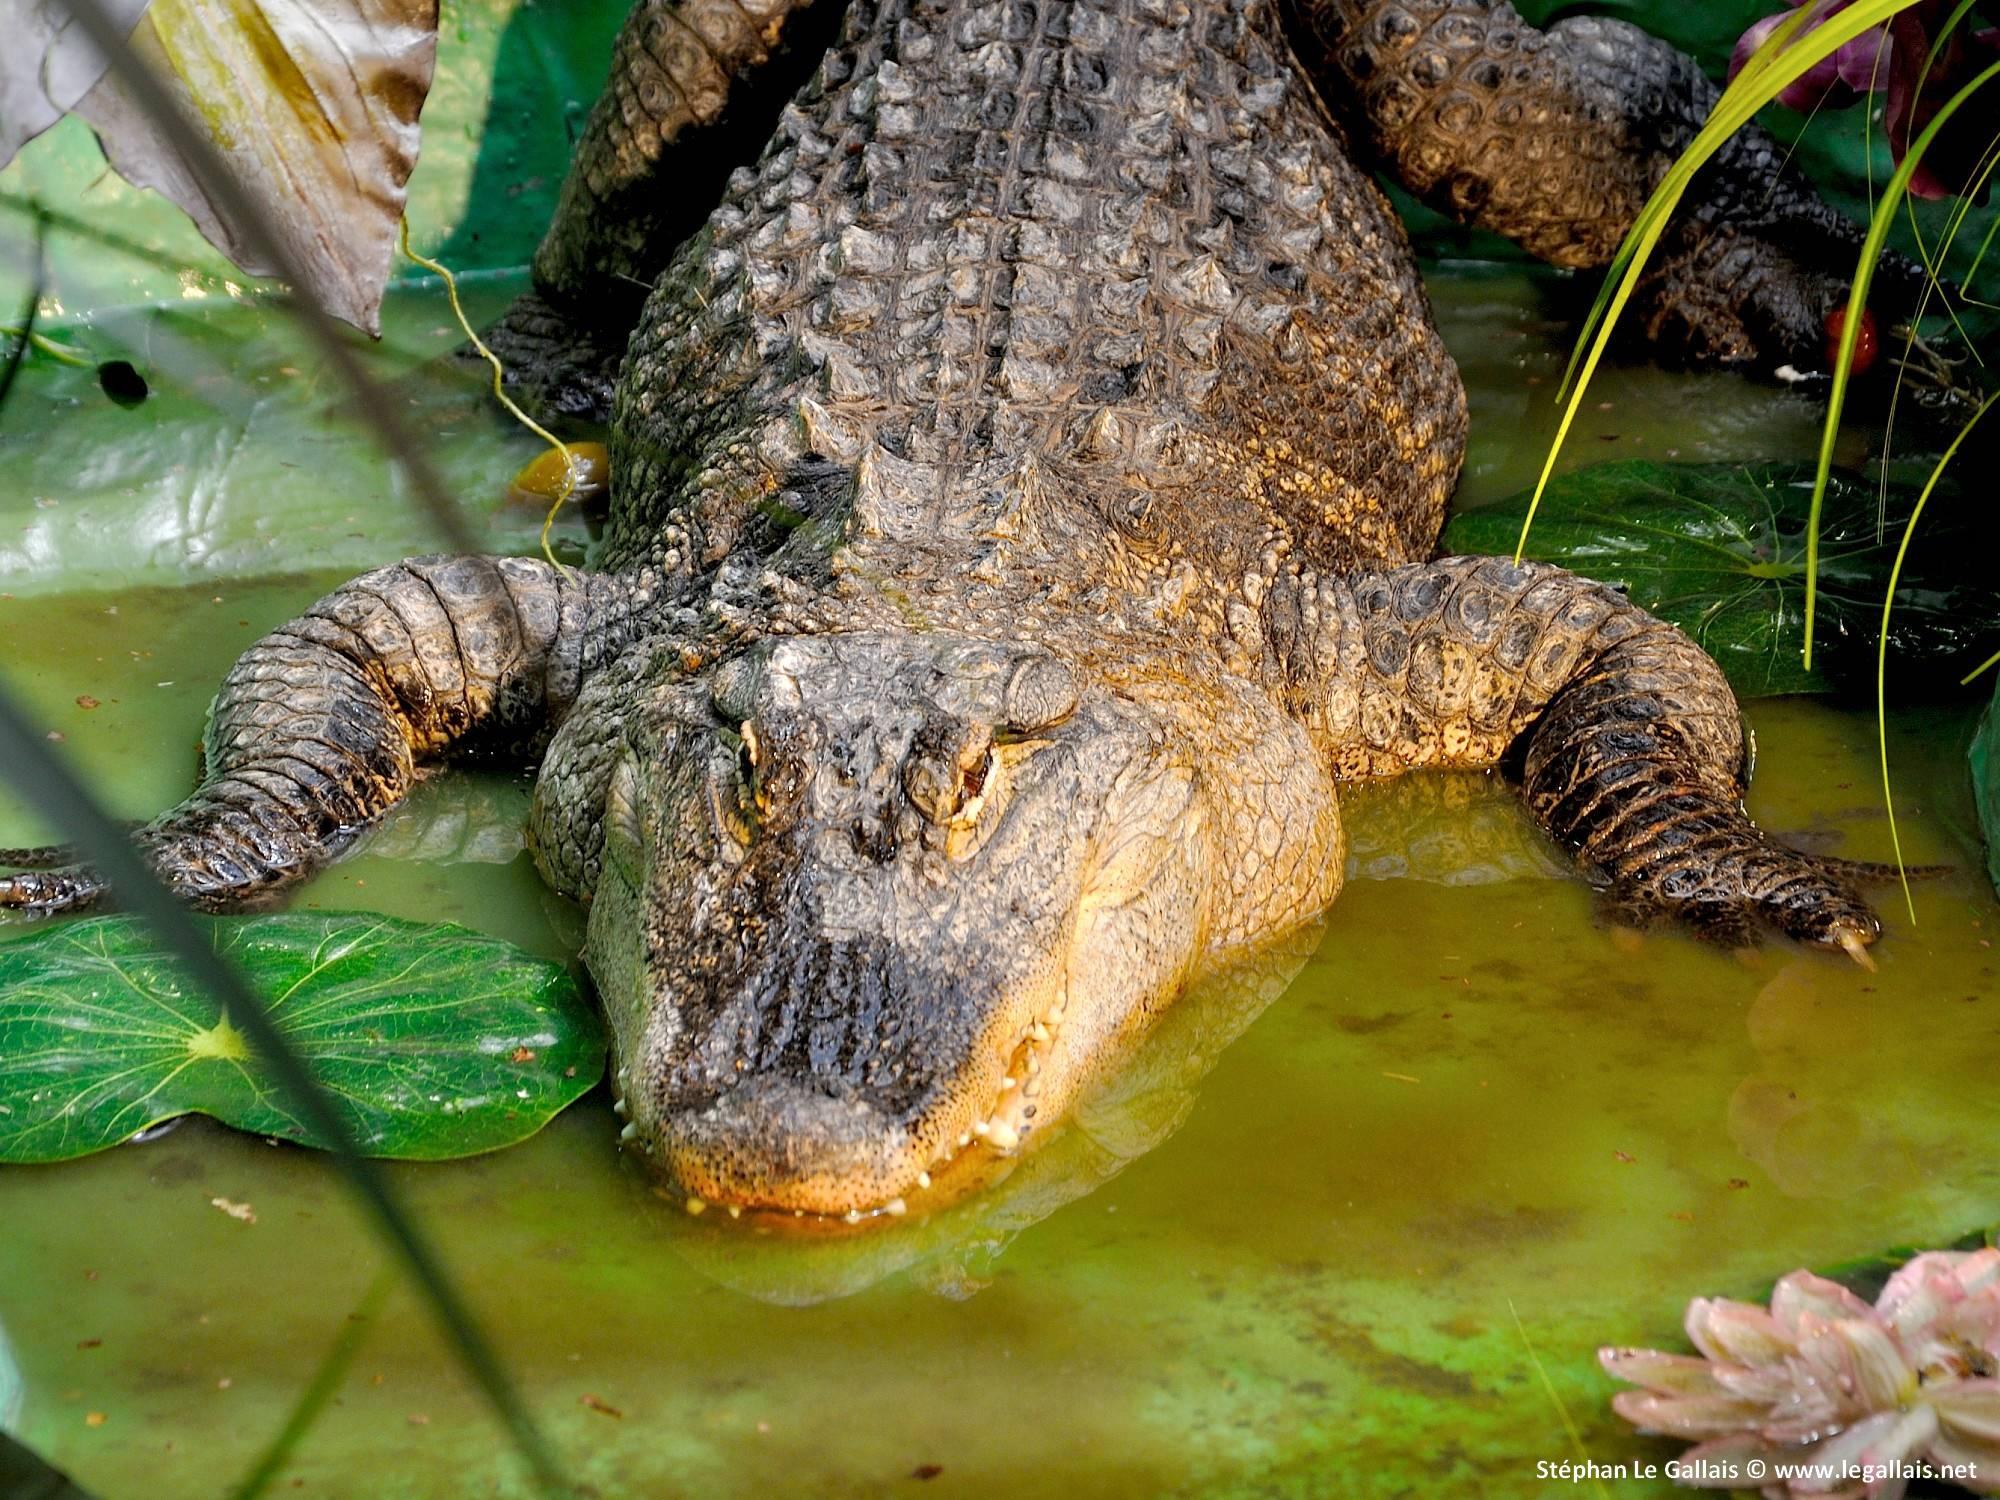 Le Crocodile De L'Étang - Rencontre Insolite Le 26-04-2016 serapportantà Les Gros Crocodiles